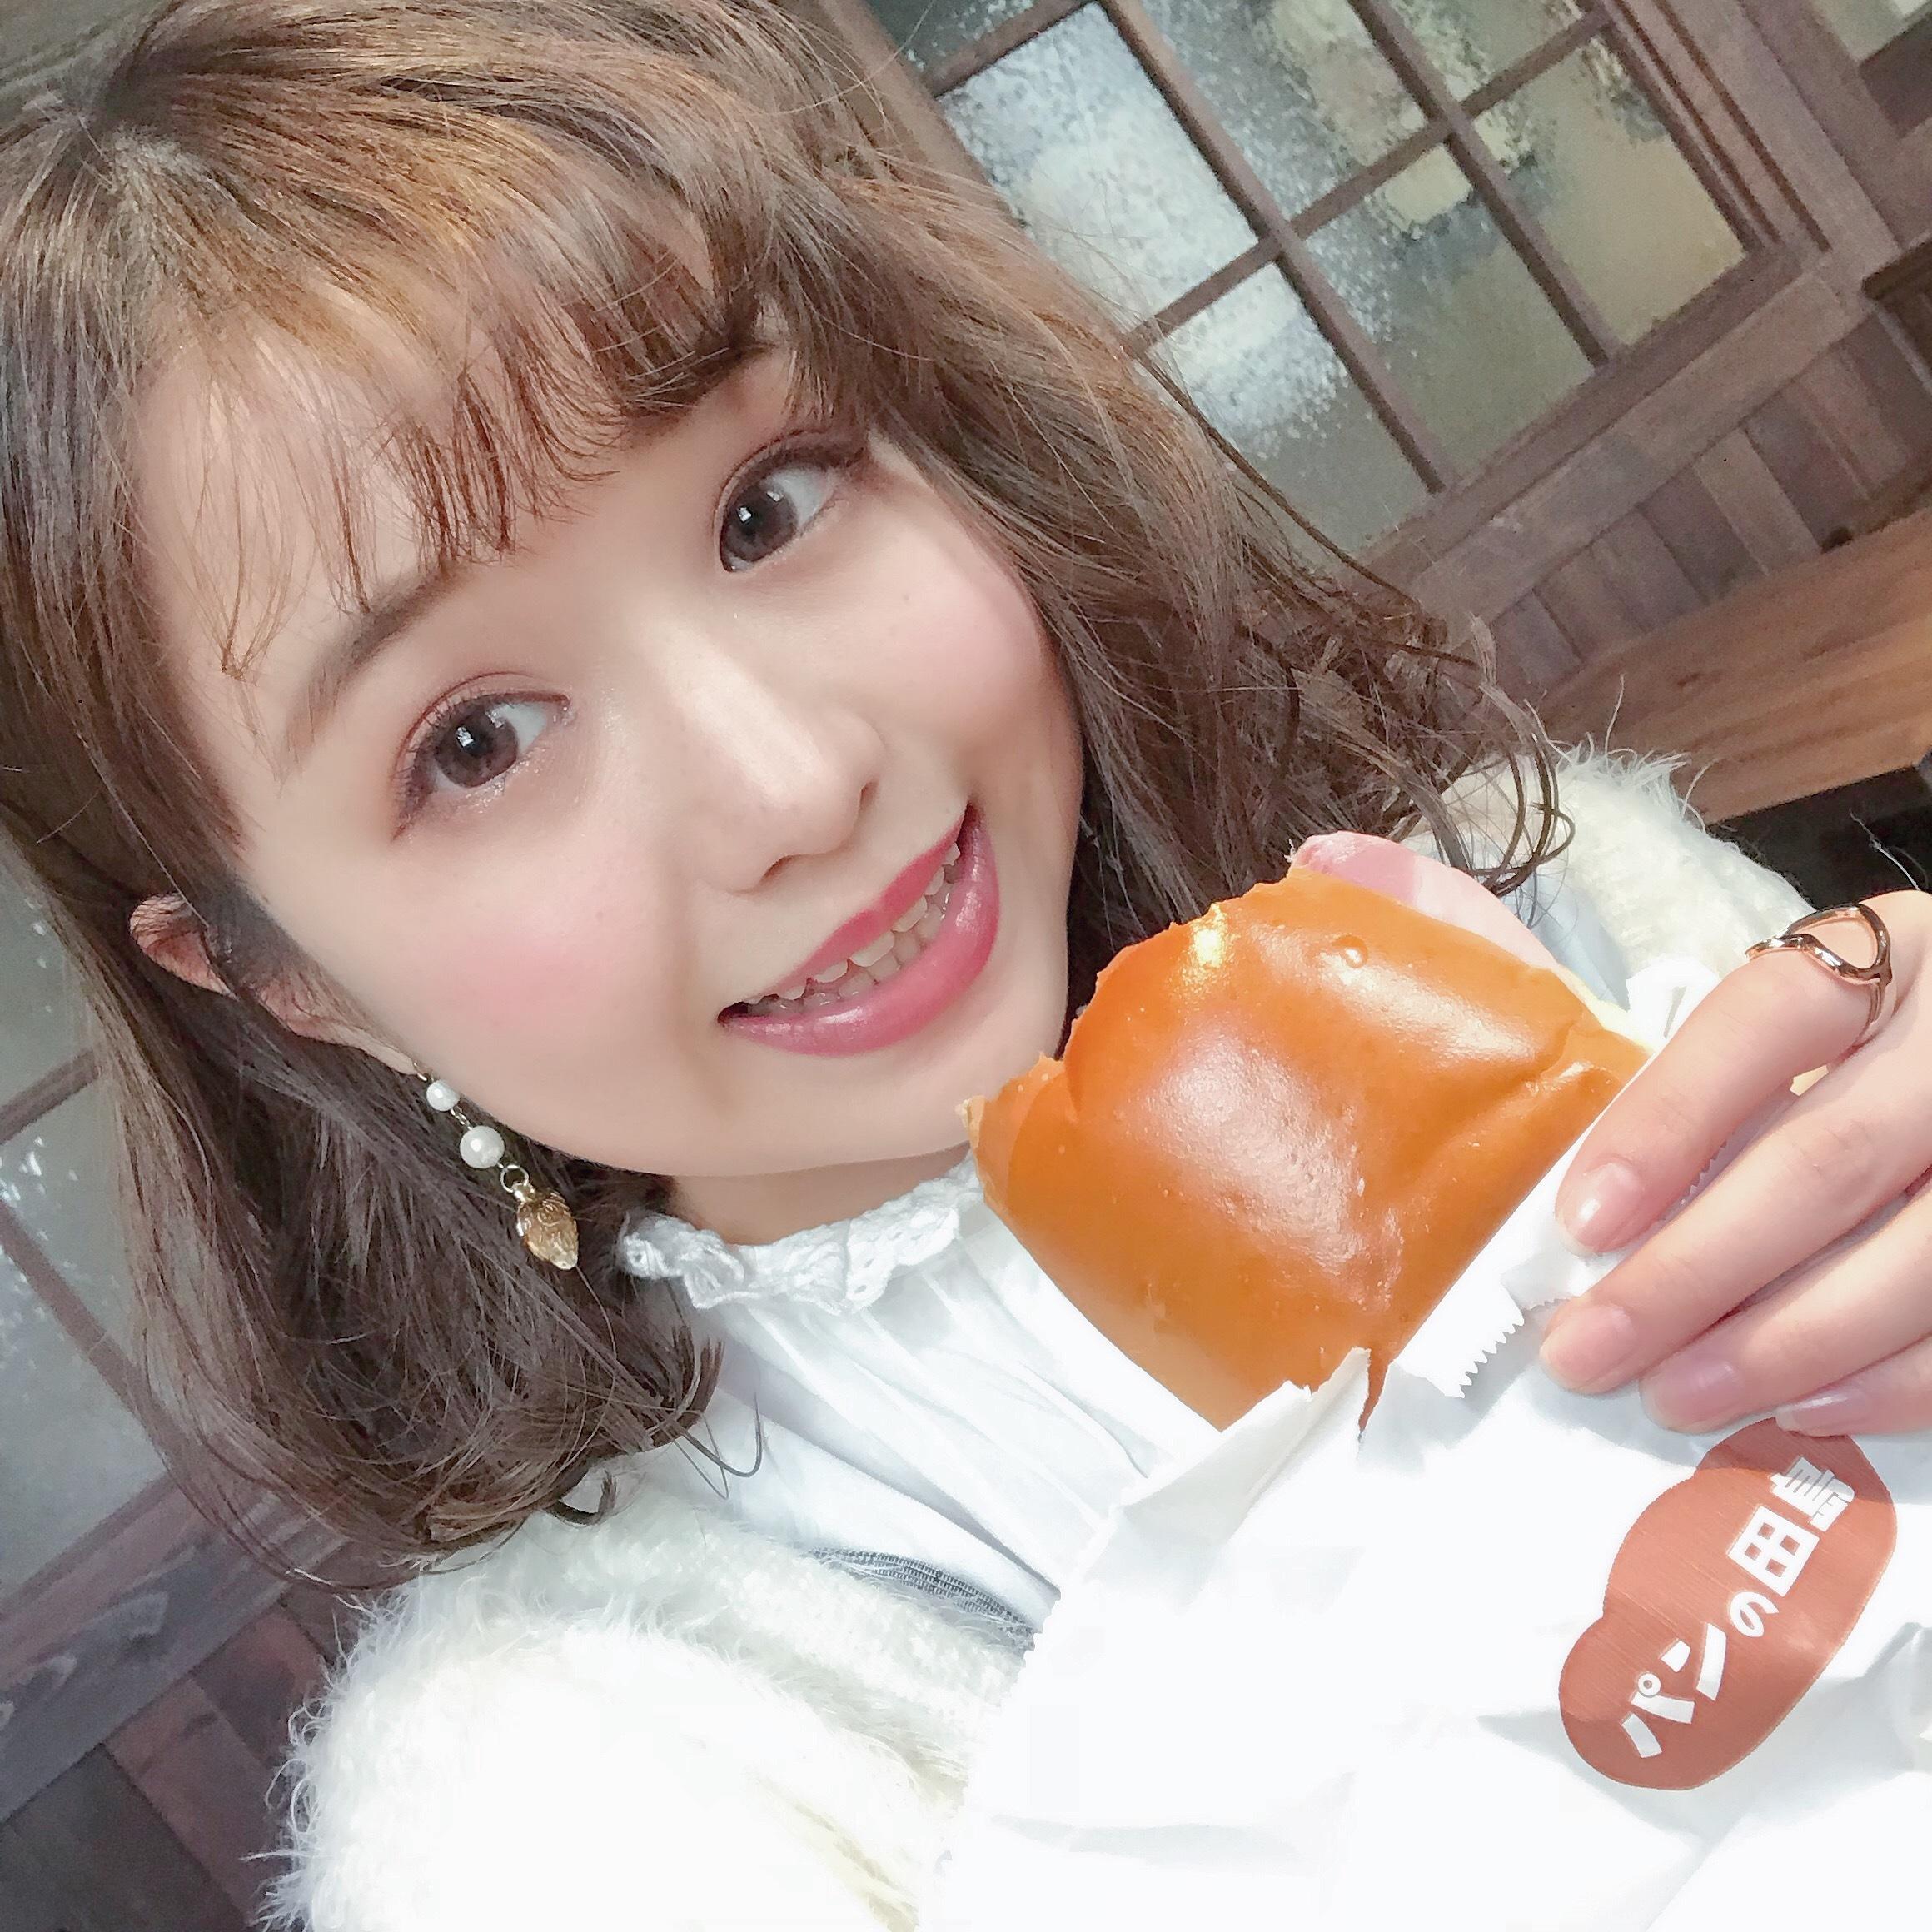 ☃︎たかがコッペパン?されどコッペパン♡吉祥寺の可愛いコッペパン屋さん☃︎_1_1